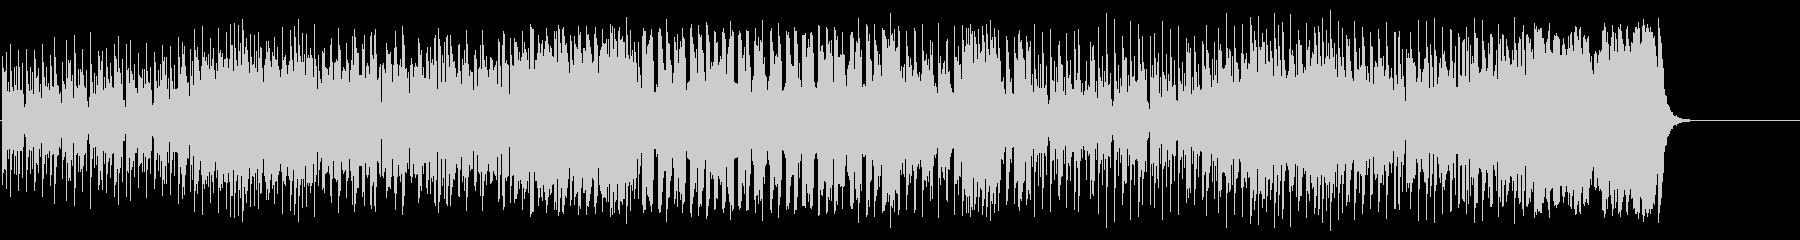 どこかアニメ的な愛らしいコミカル・ポップの未再生の波形